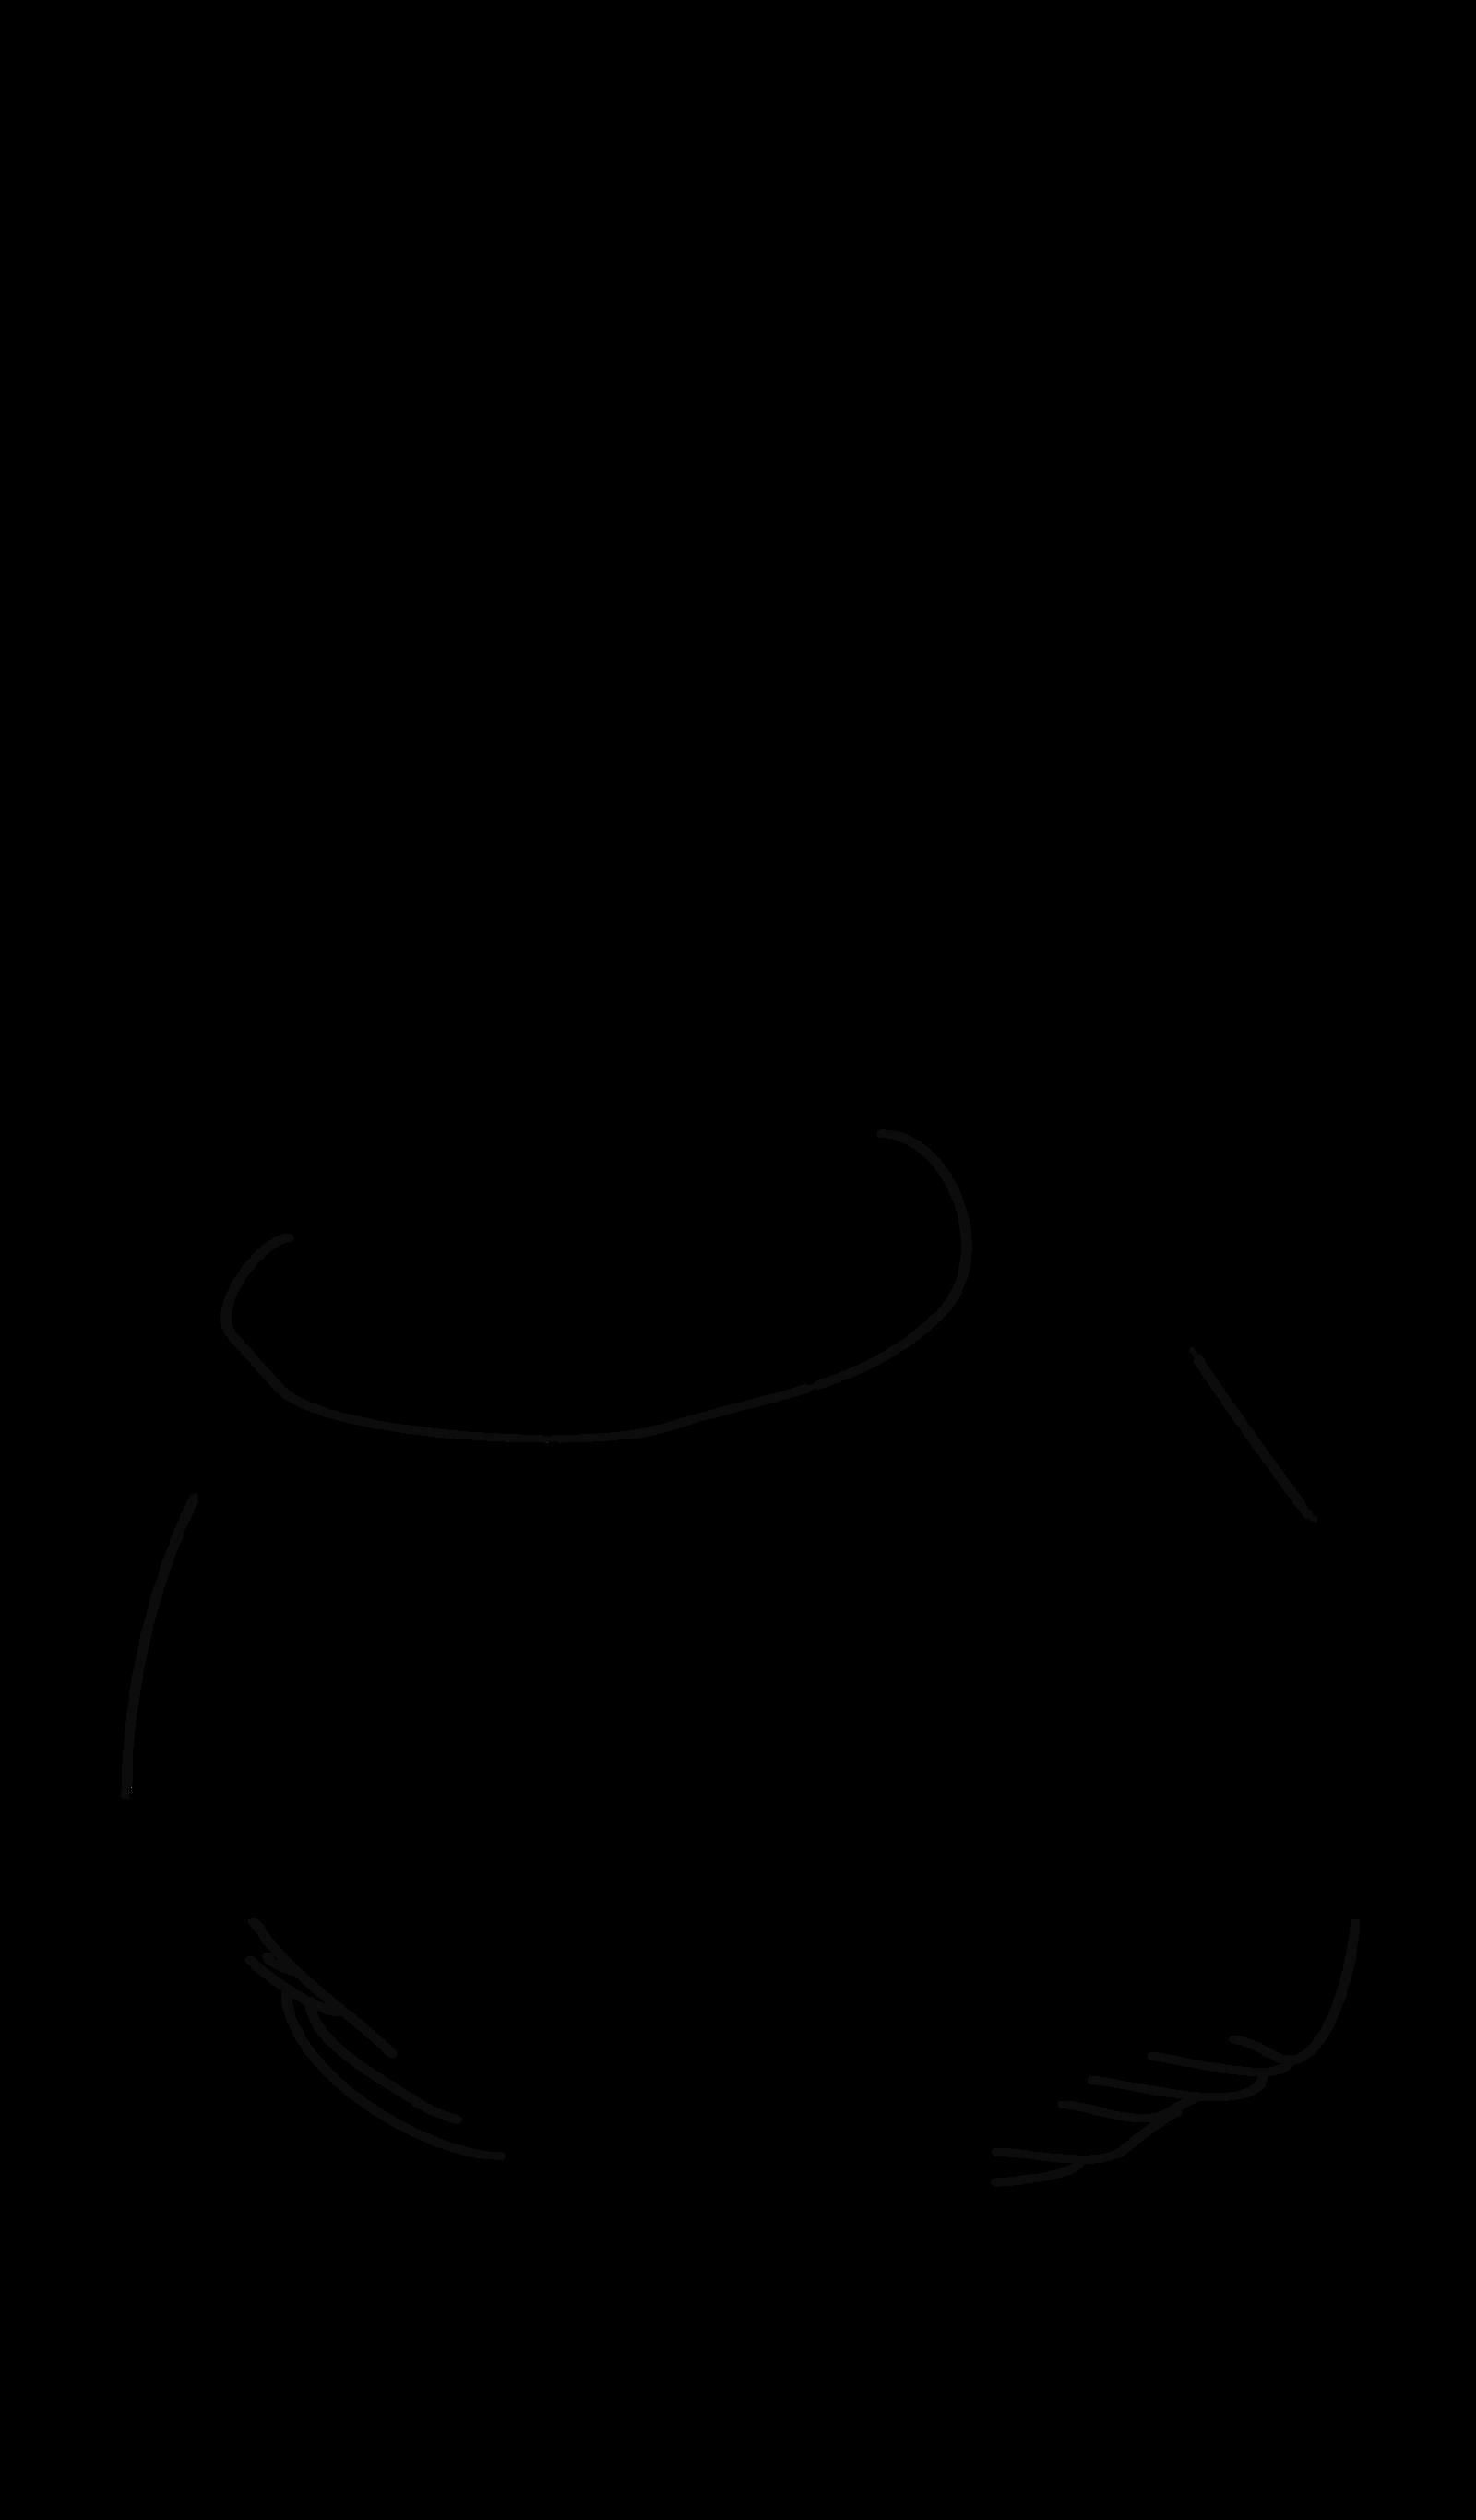 Großartig Frei Druckbare Dr. Seuss Malvorlagen Fotos - Malvorlagen ...